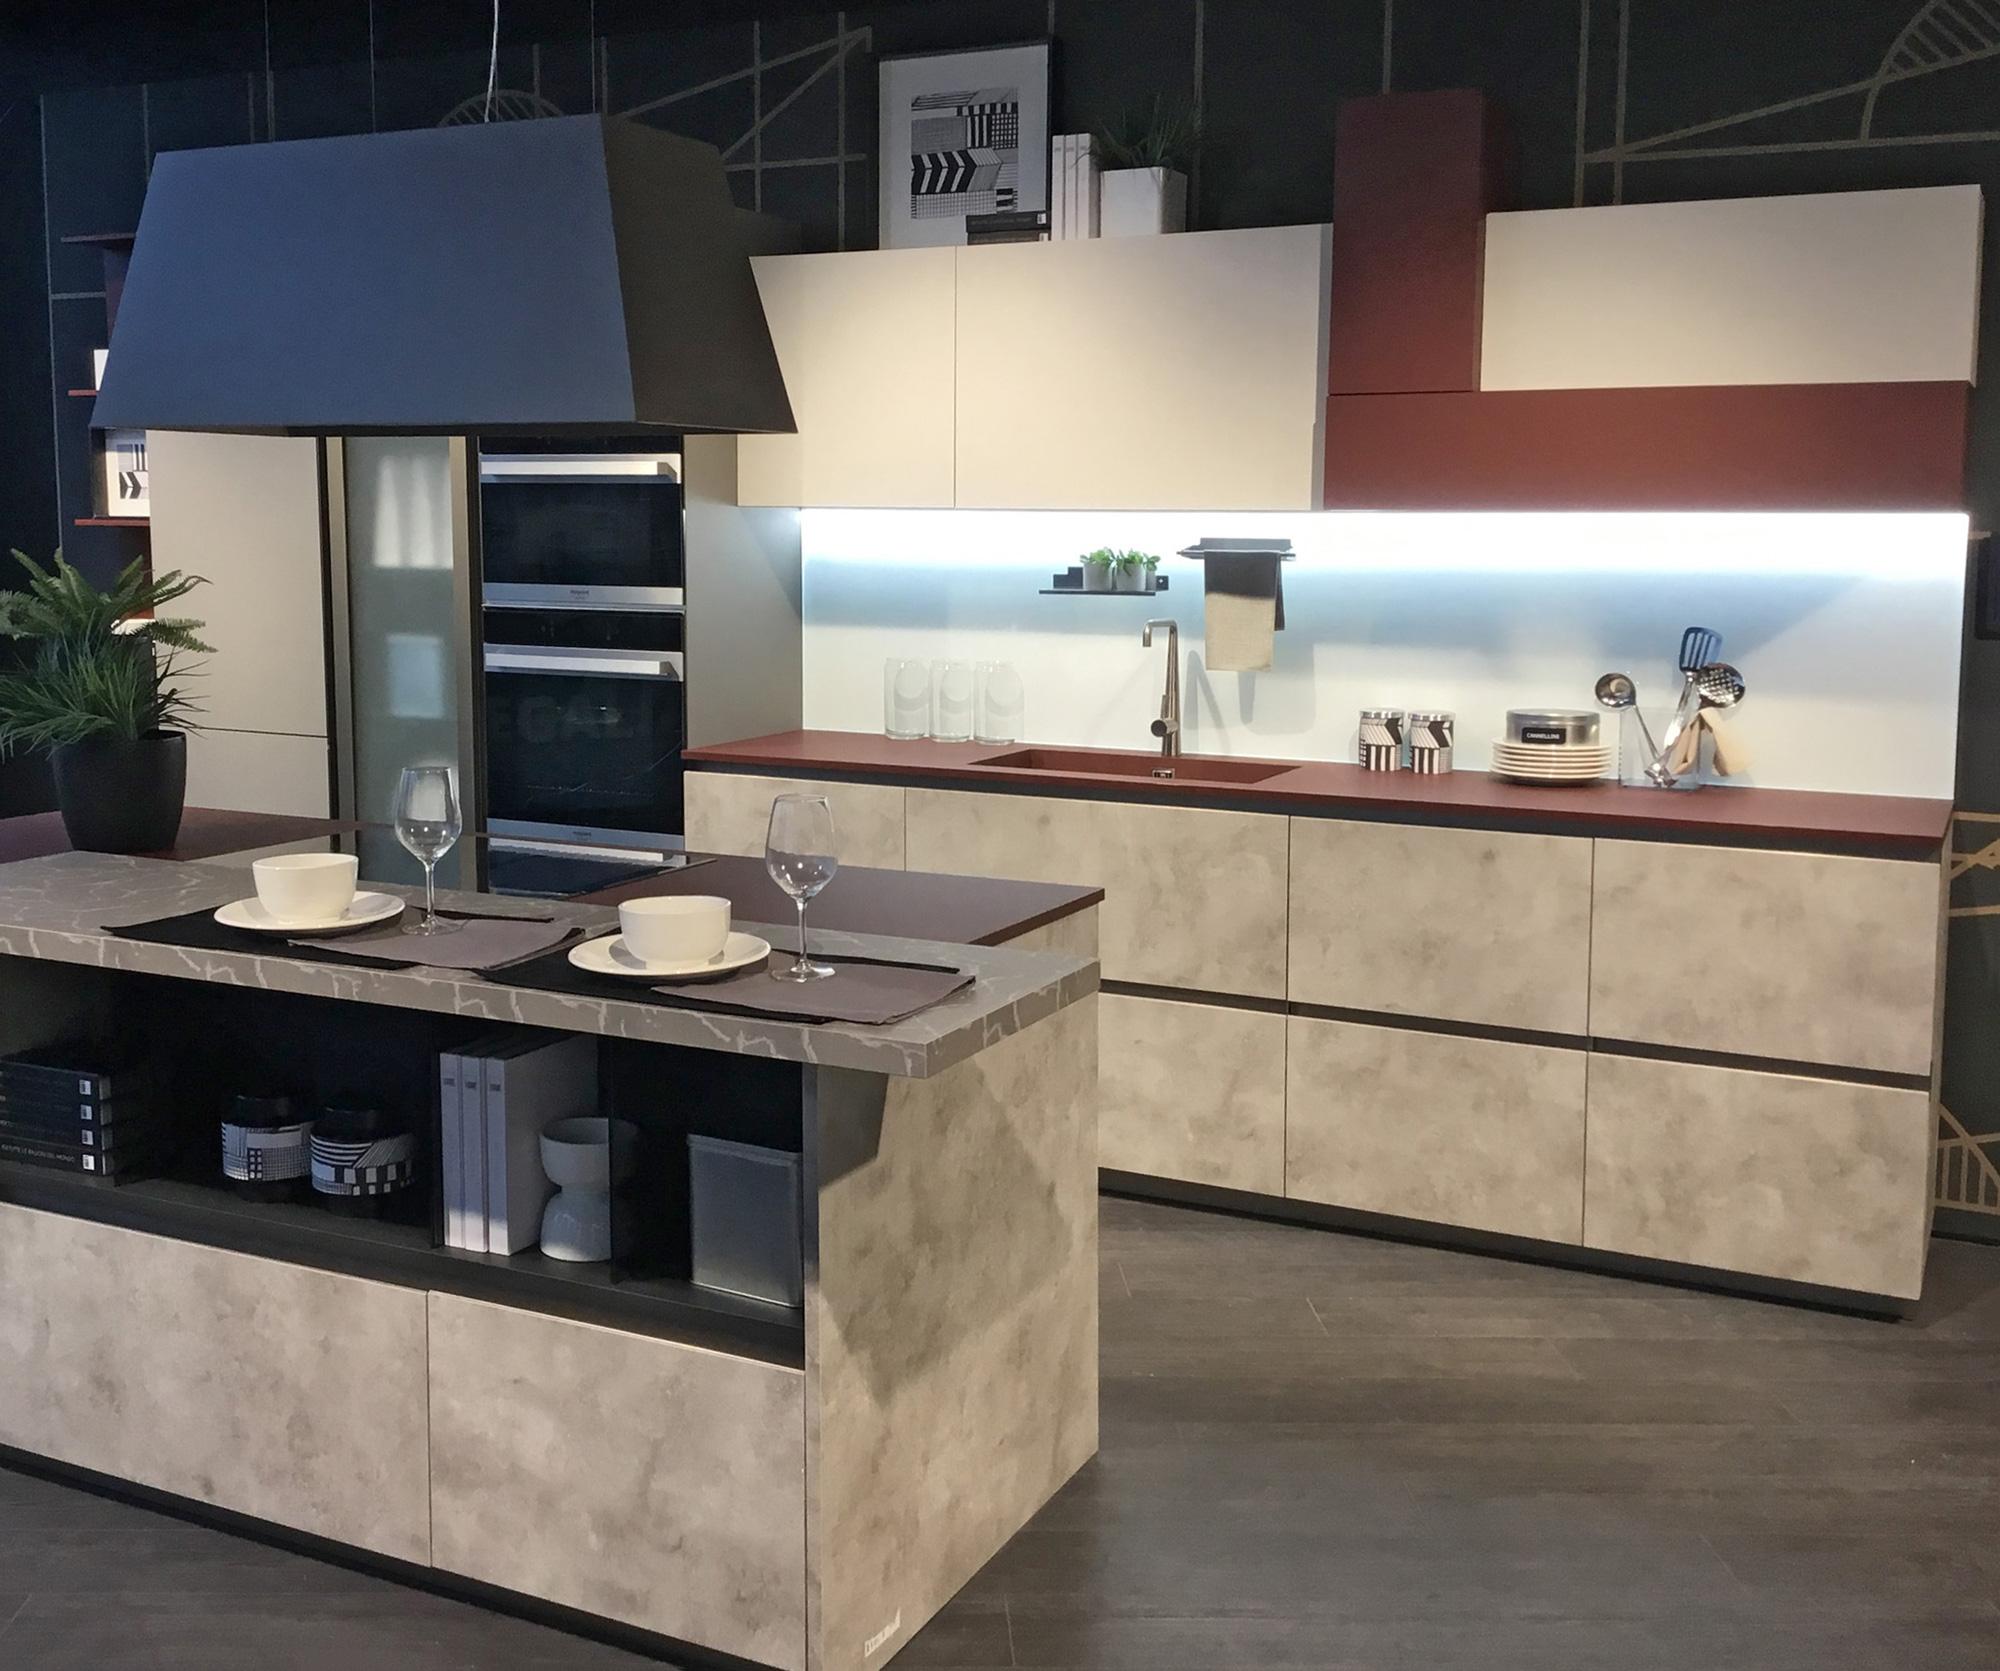 Rozzano Provincia Di Milano Il Gruppo Lube Inaugura Un Nuovo Store Lube E Creo Cucine Lube